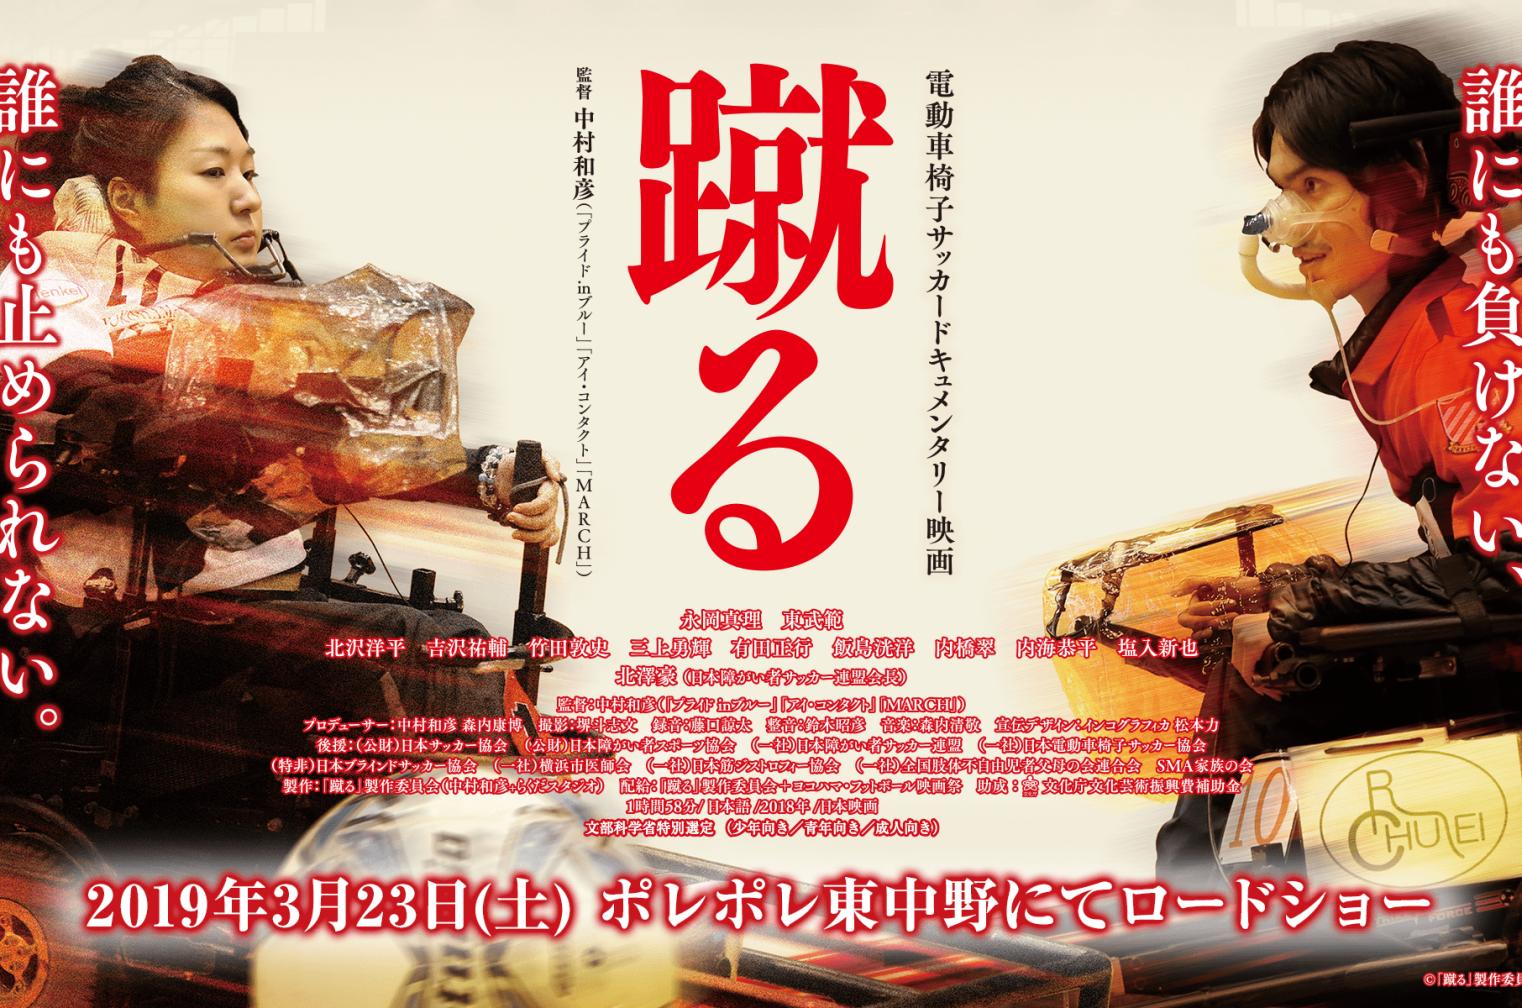 『蹴る』車椅子サッカーをとりあげた映画が3月23日(土)より公開